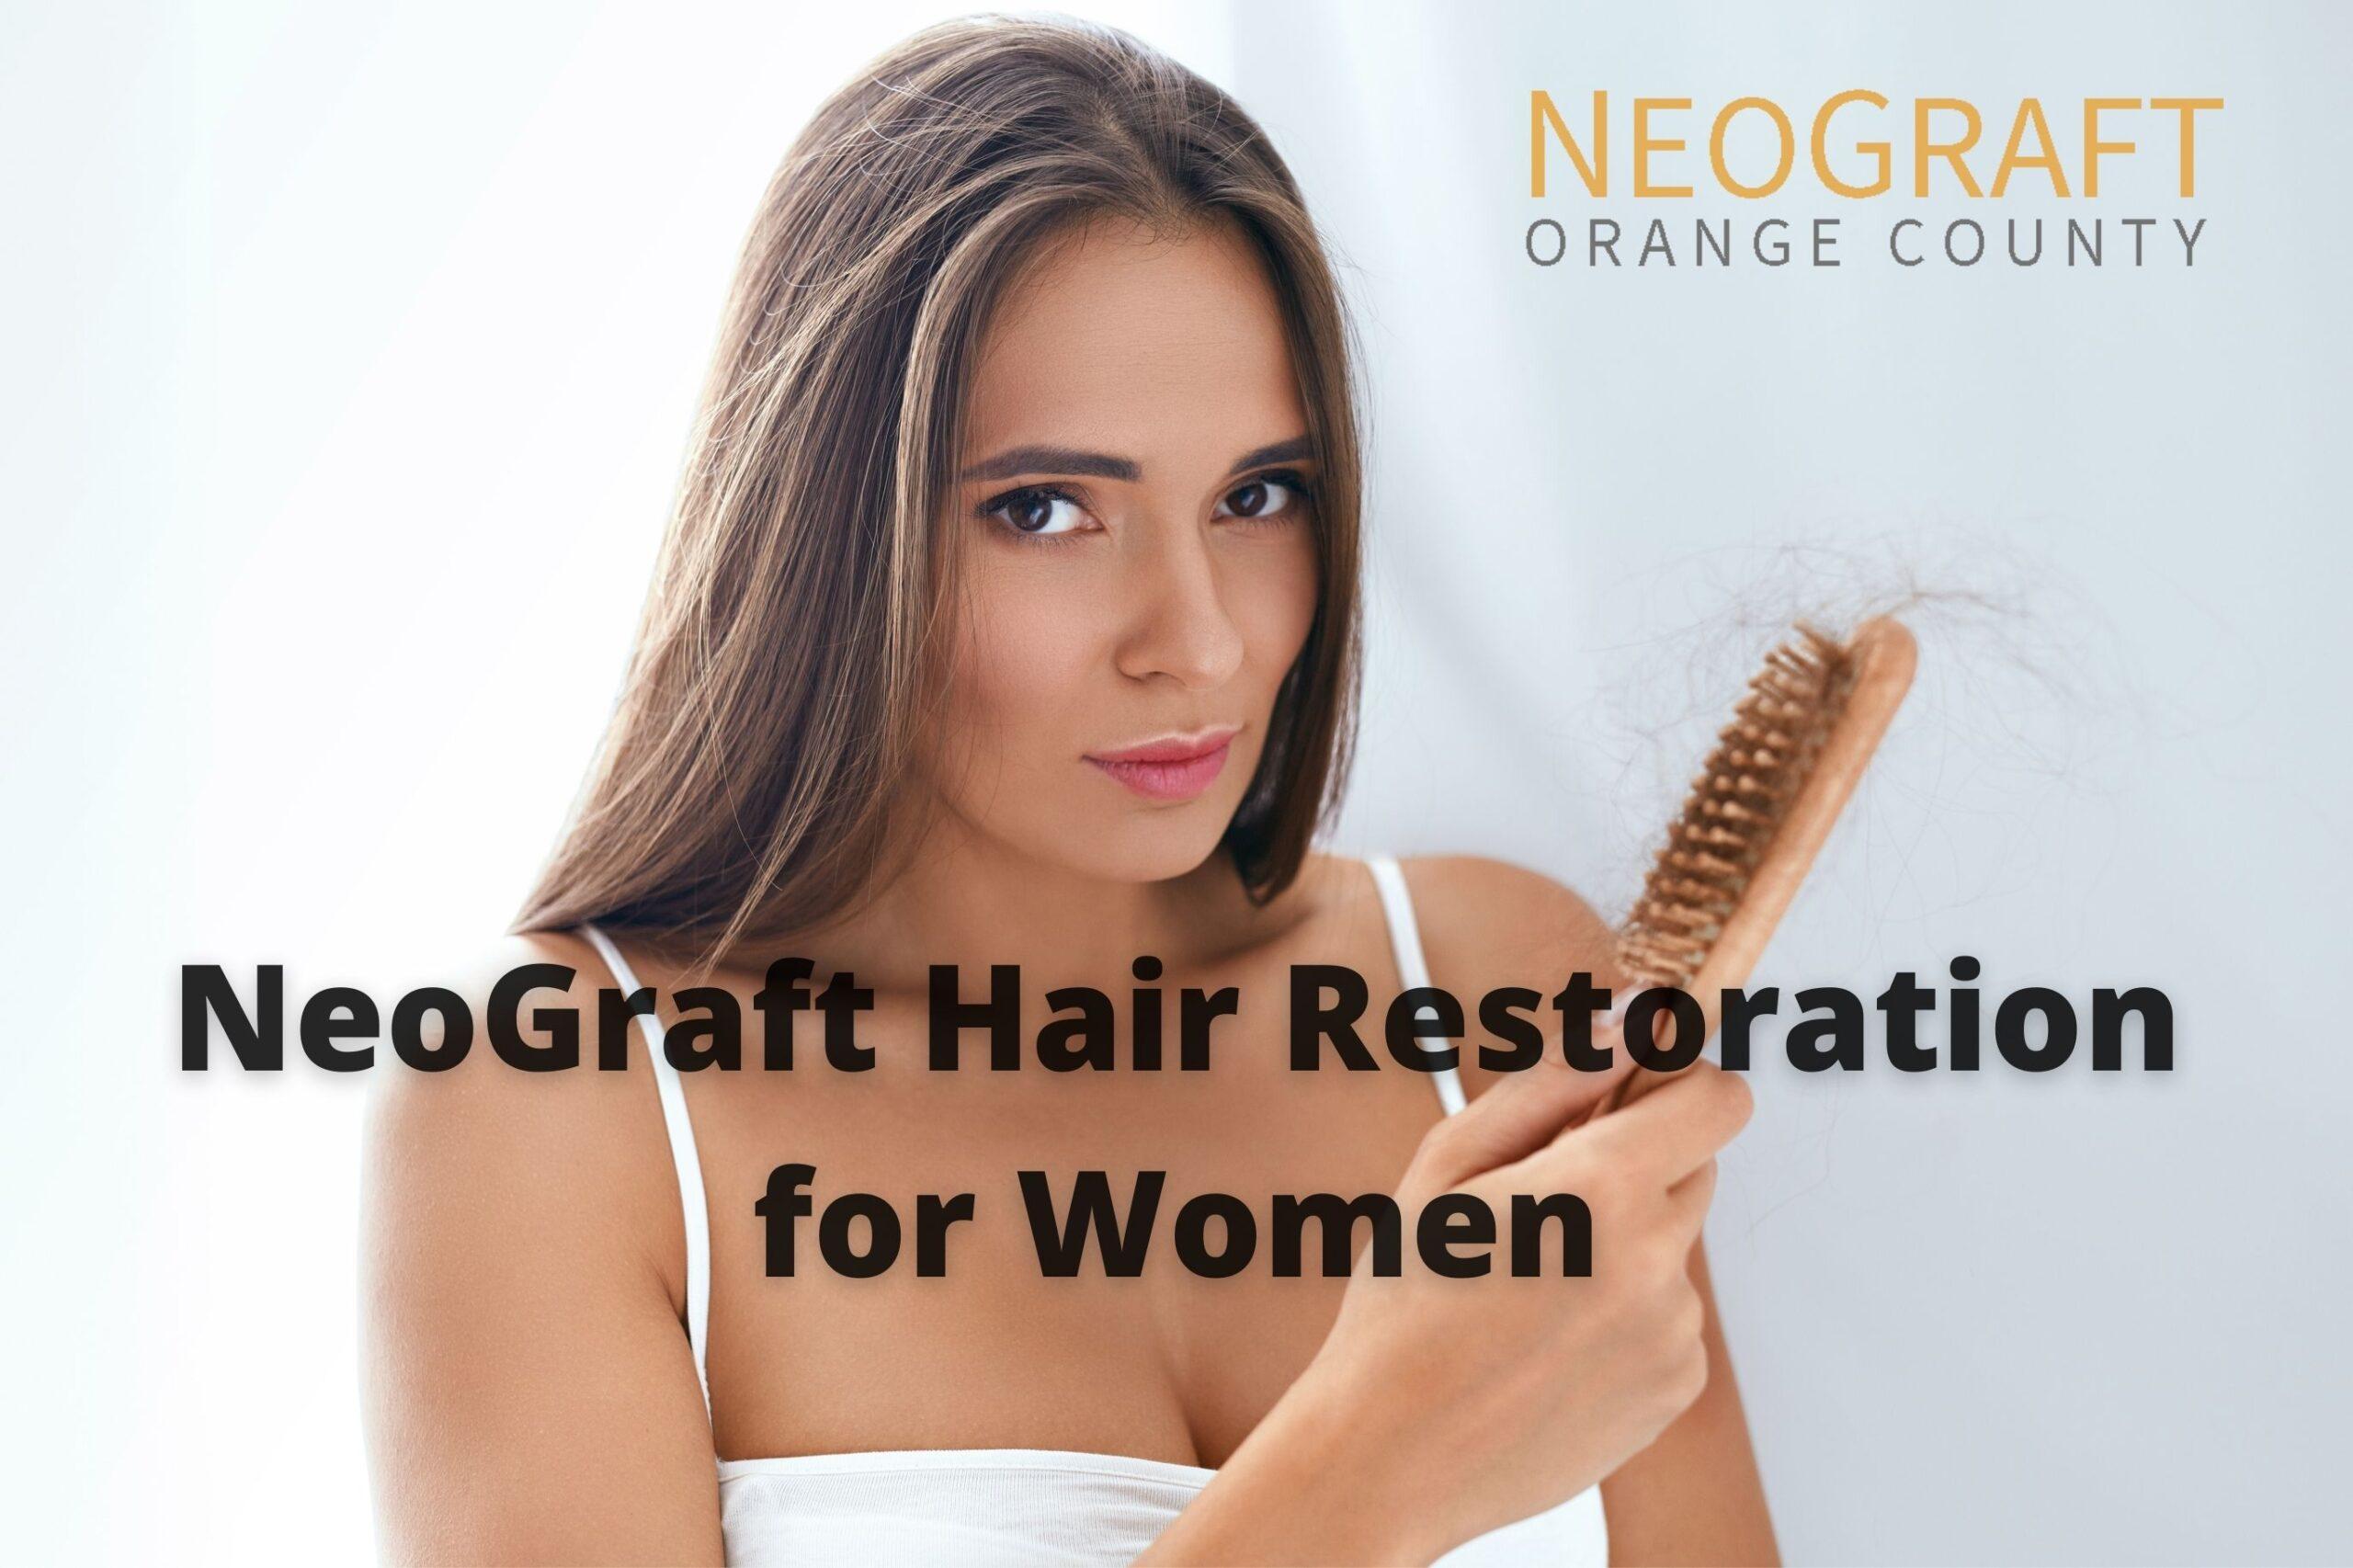 NeoGraft Hair Restoration for Women